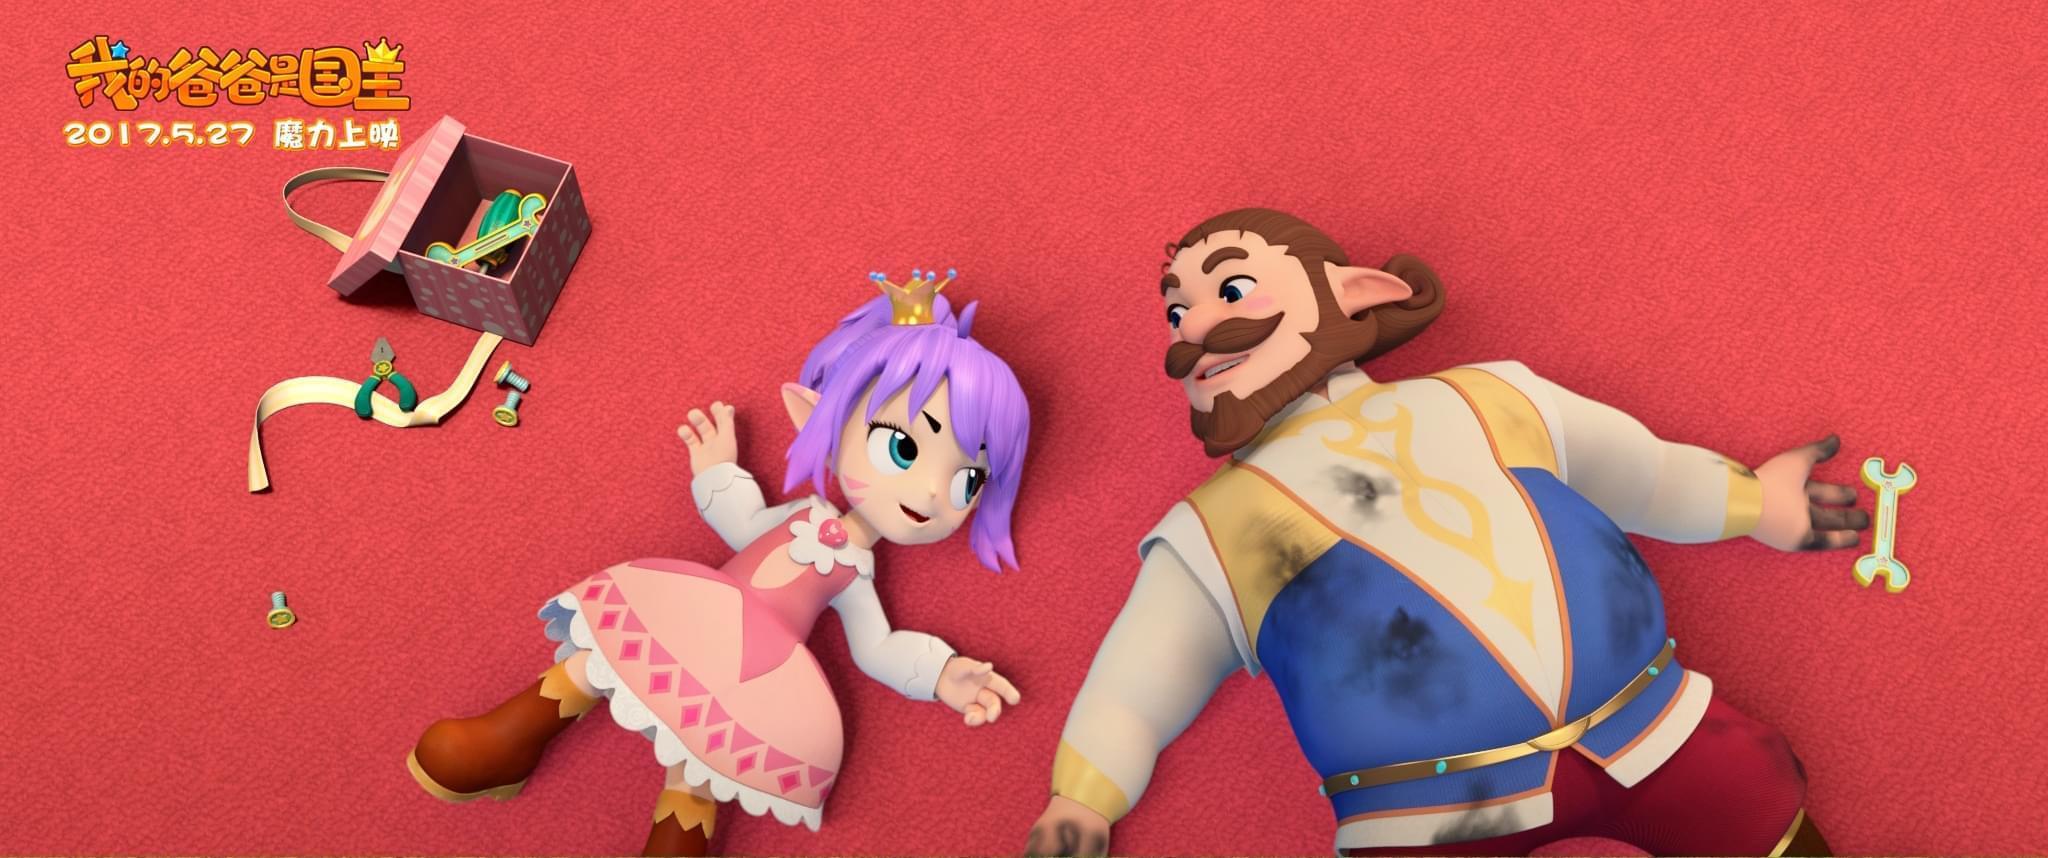 爸爸与公主躺在地毯上